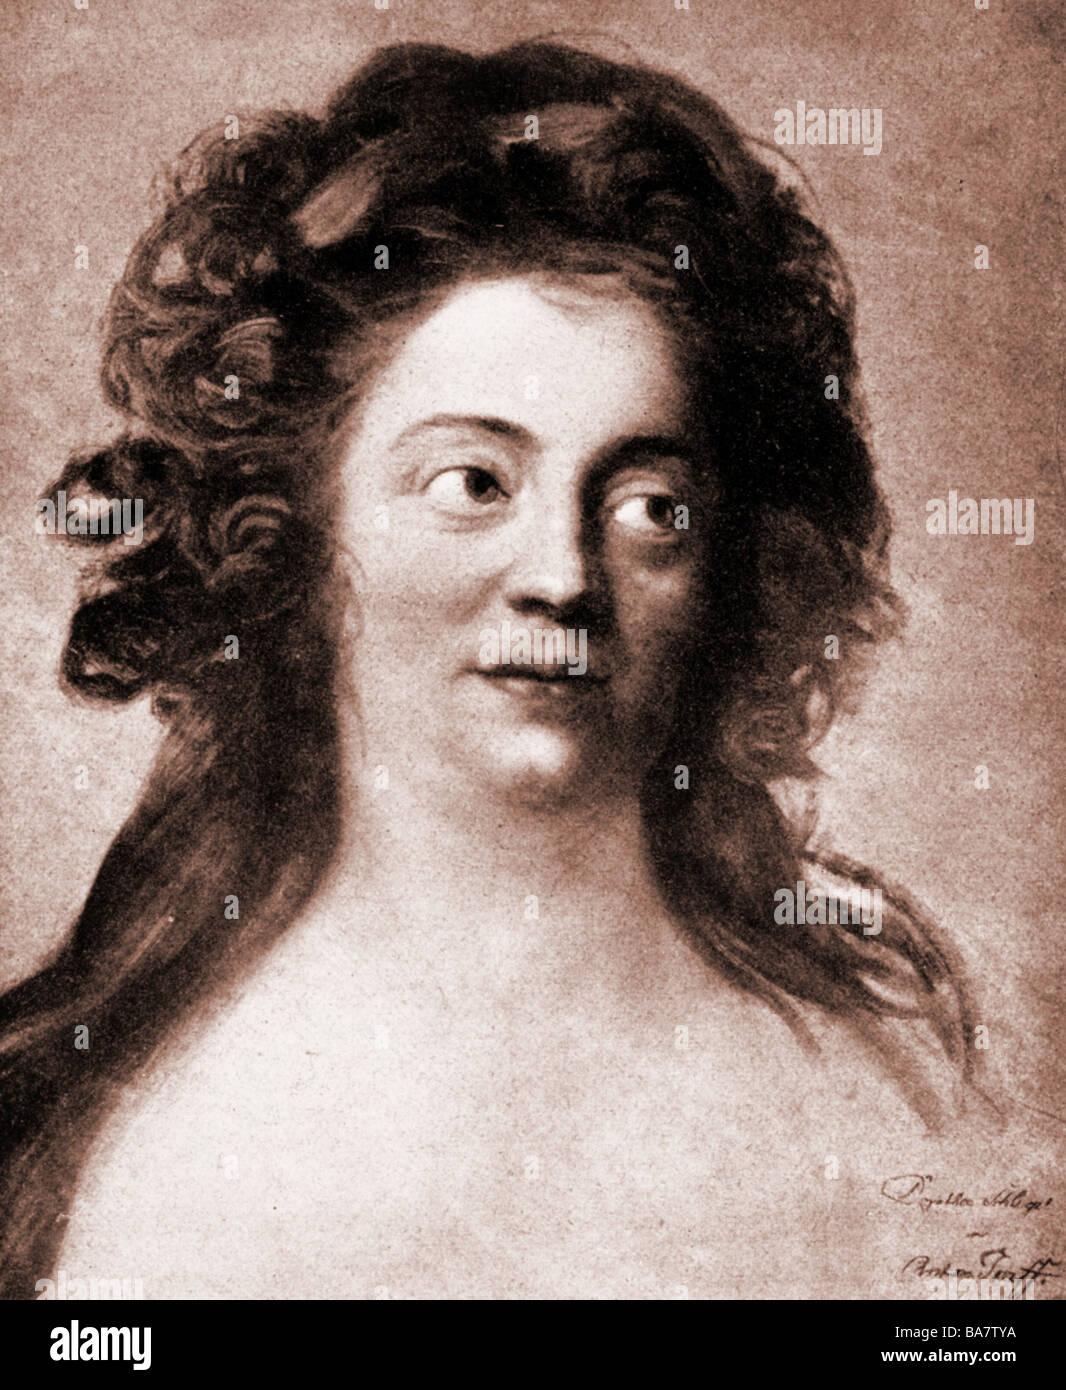 Schlegel, Dorotea Friederike, 24.10.1763 - 3.8.1839, autore tedesco / scrittore, ritratto, dopo la verniciatura Foto Stock